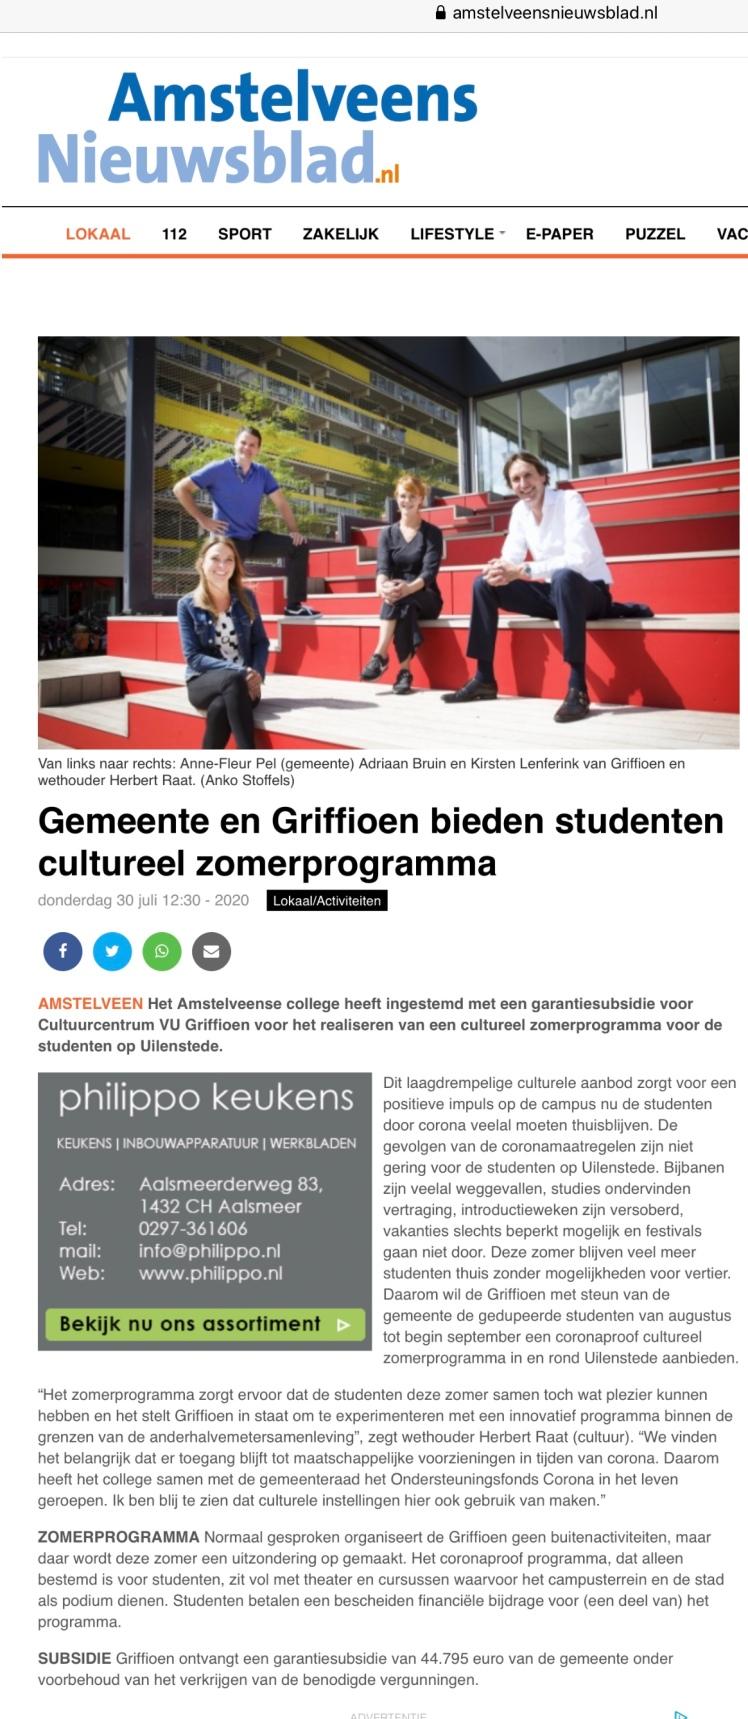 2020-Amstelveens Nieuwsblad: Steun voor een cultureel zomerprogramma voor het Griffioen Uilenstede- Anne Fleur Pel, Adriaan Bruin, Kirsten Lenferink en Herbert Raat